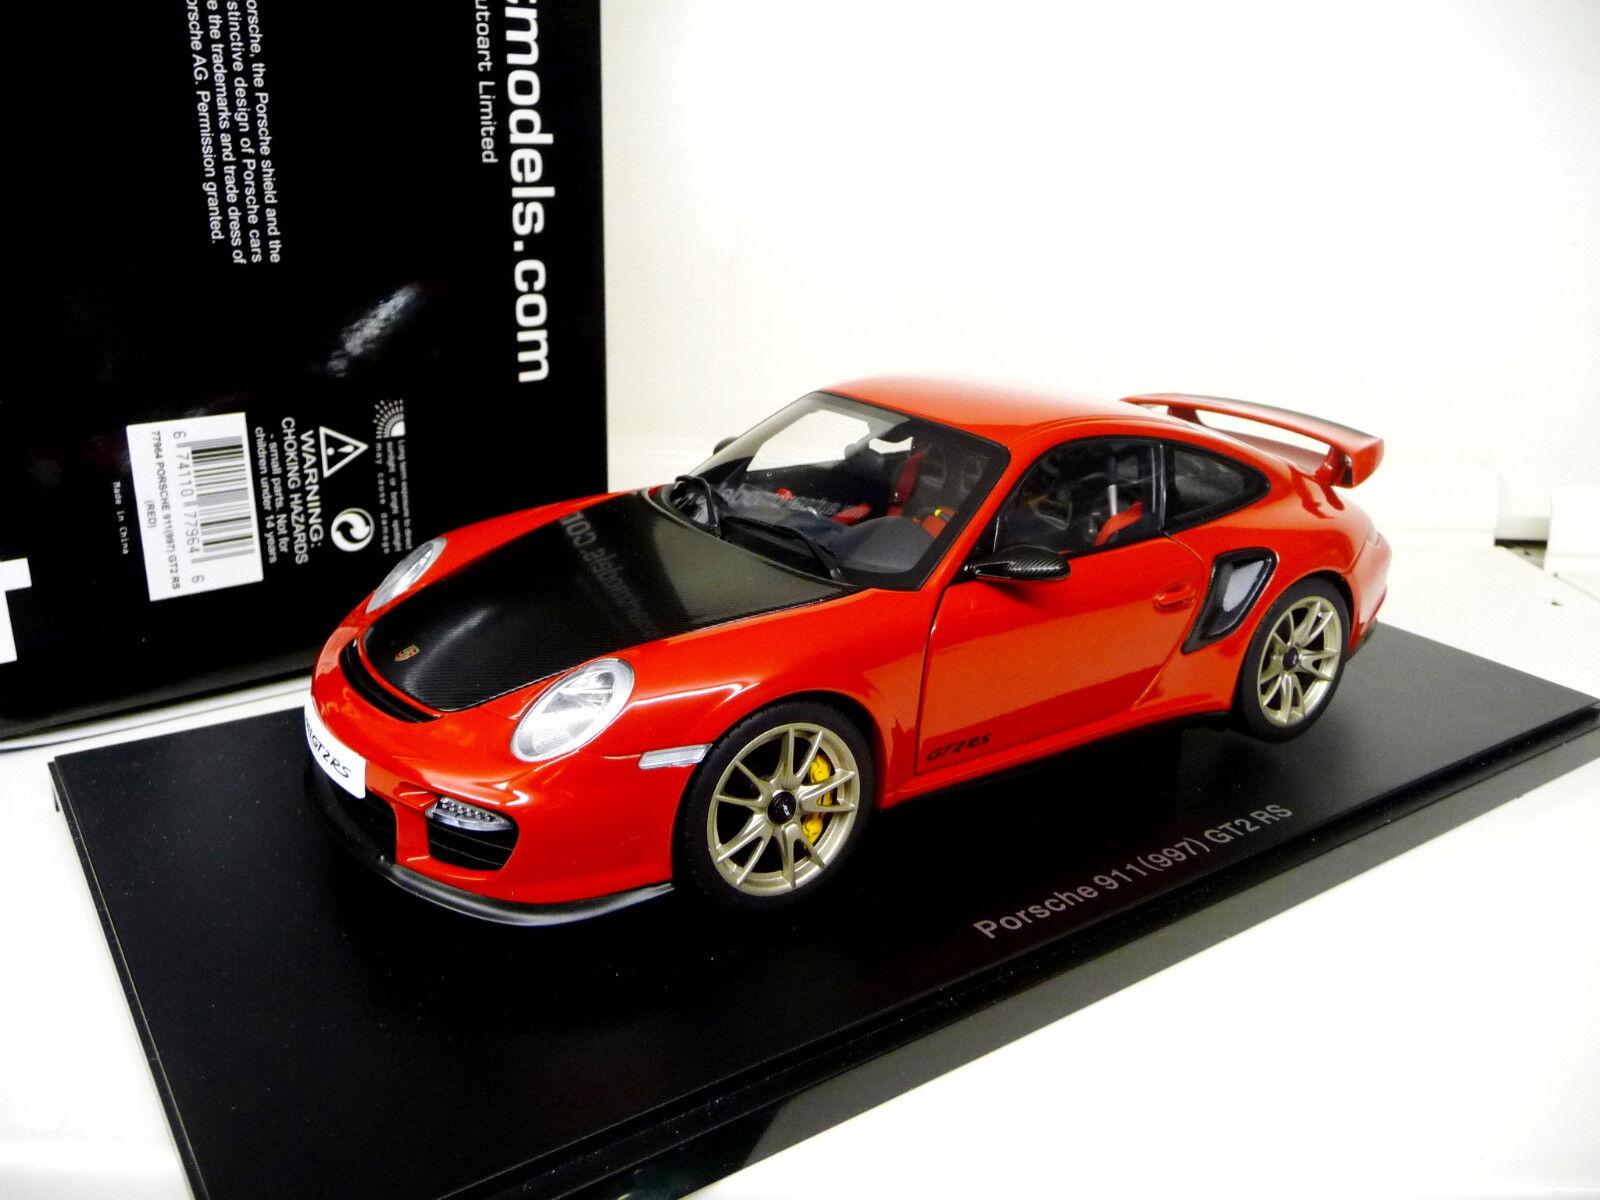 Dans l'attente de de de la ville, retenant votre souffle 1:18 Autoart Porsche 911 gt2rs 997 Red Rouge Neuf New | Nombreux Dans La Variété  | Des Matériaux Supérieurs  | Soldes  429407